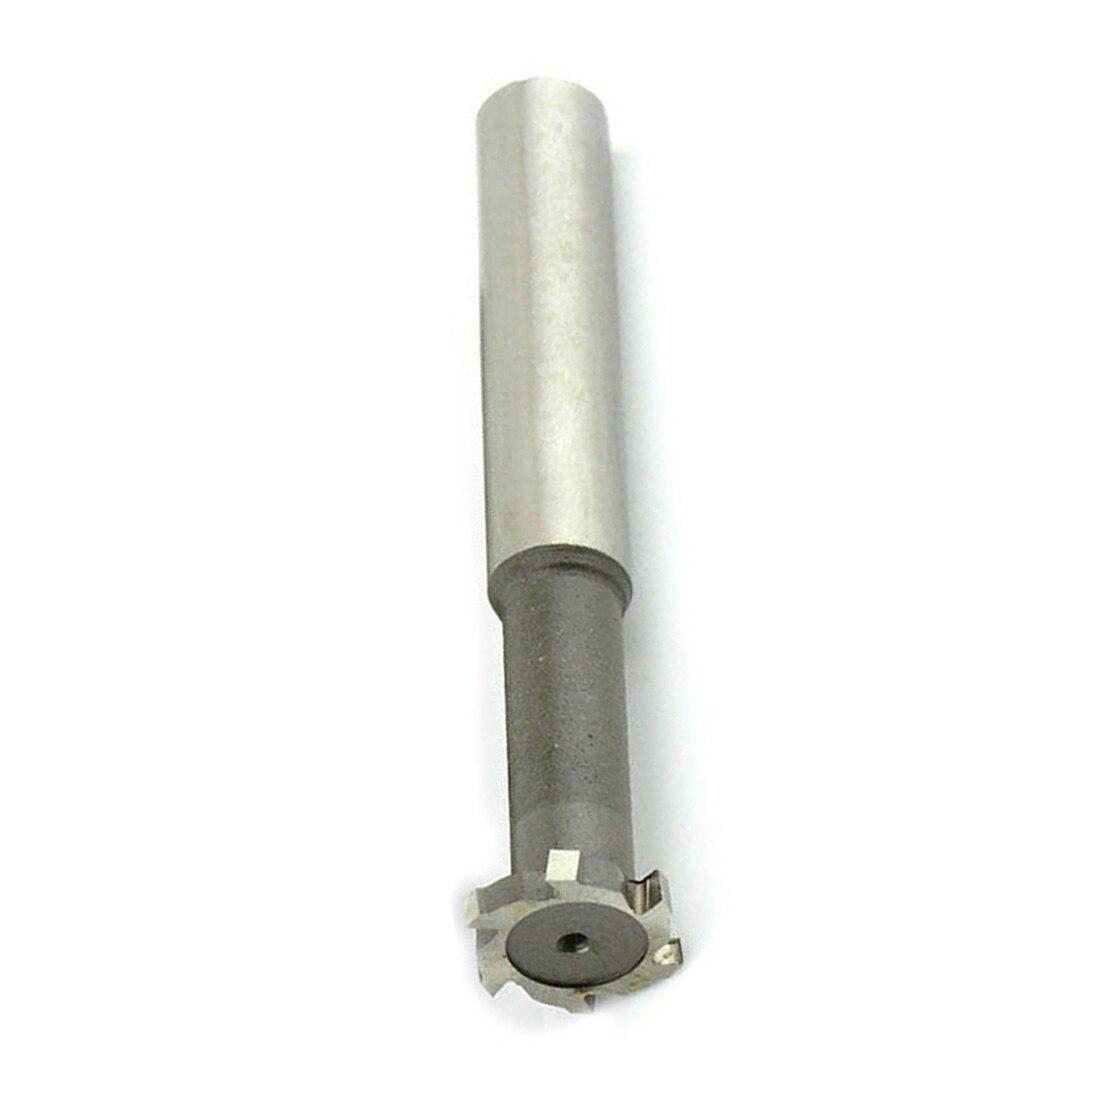 18mm Cutting Diameter 4mm Slot 6 Flute HSS T-Slot cutter shank End mill cutter